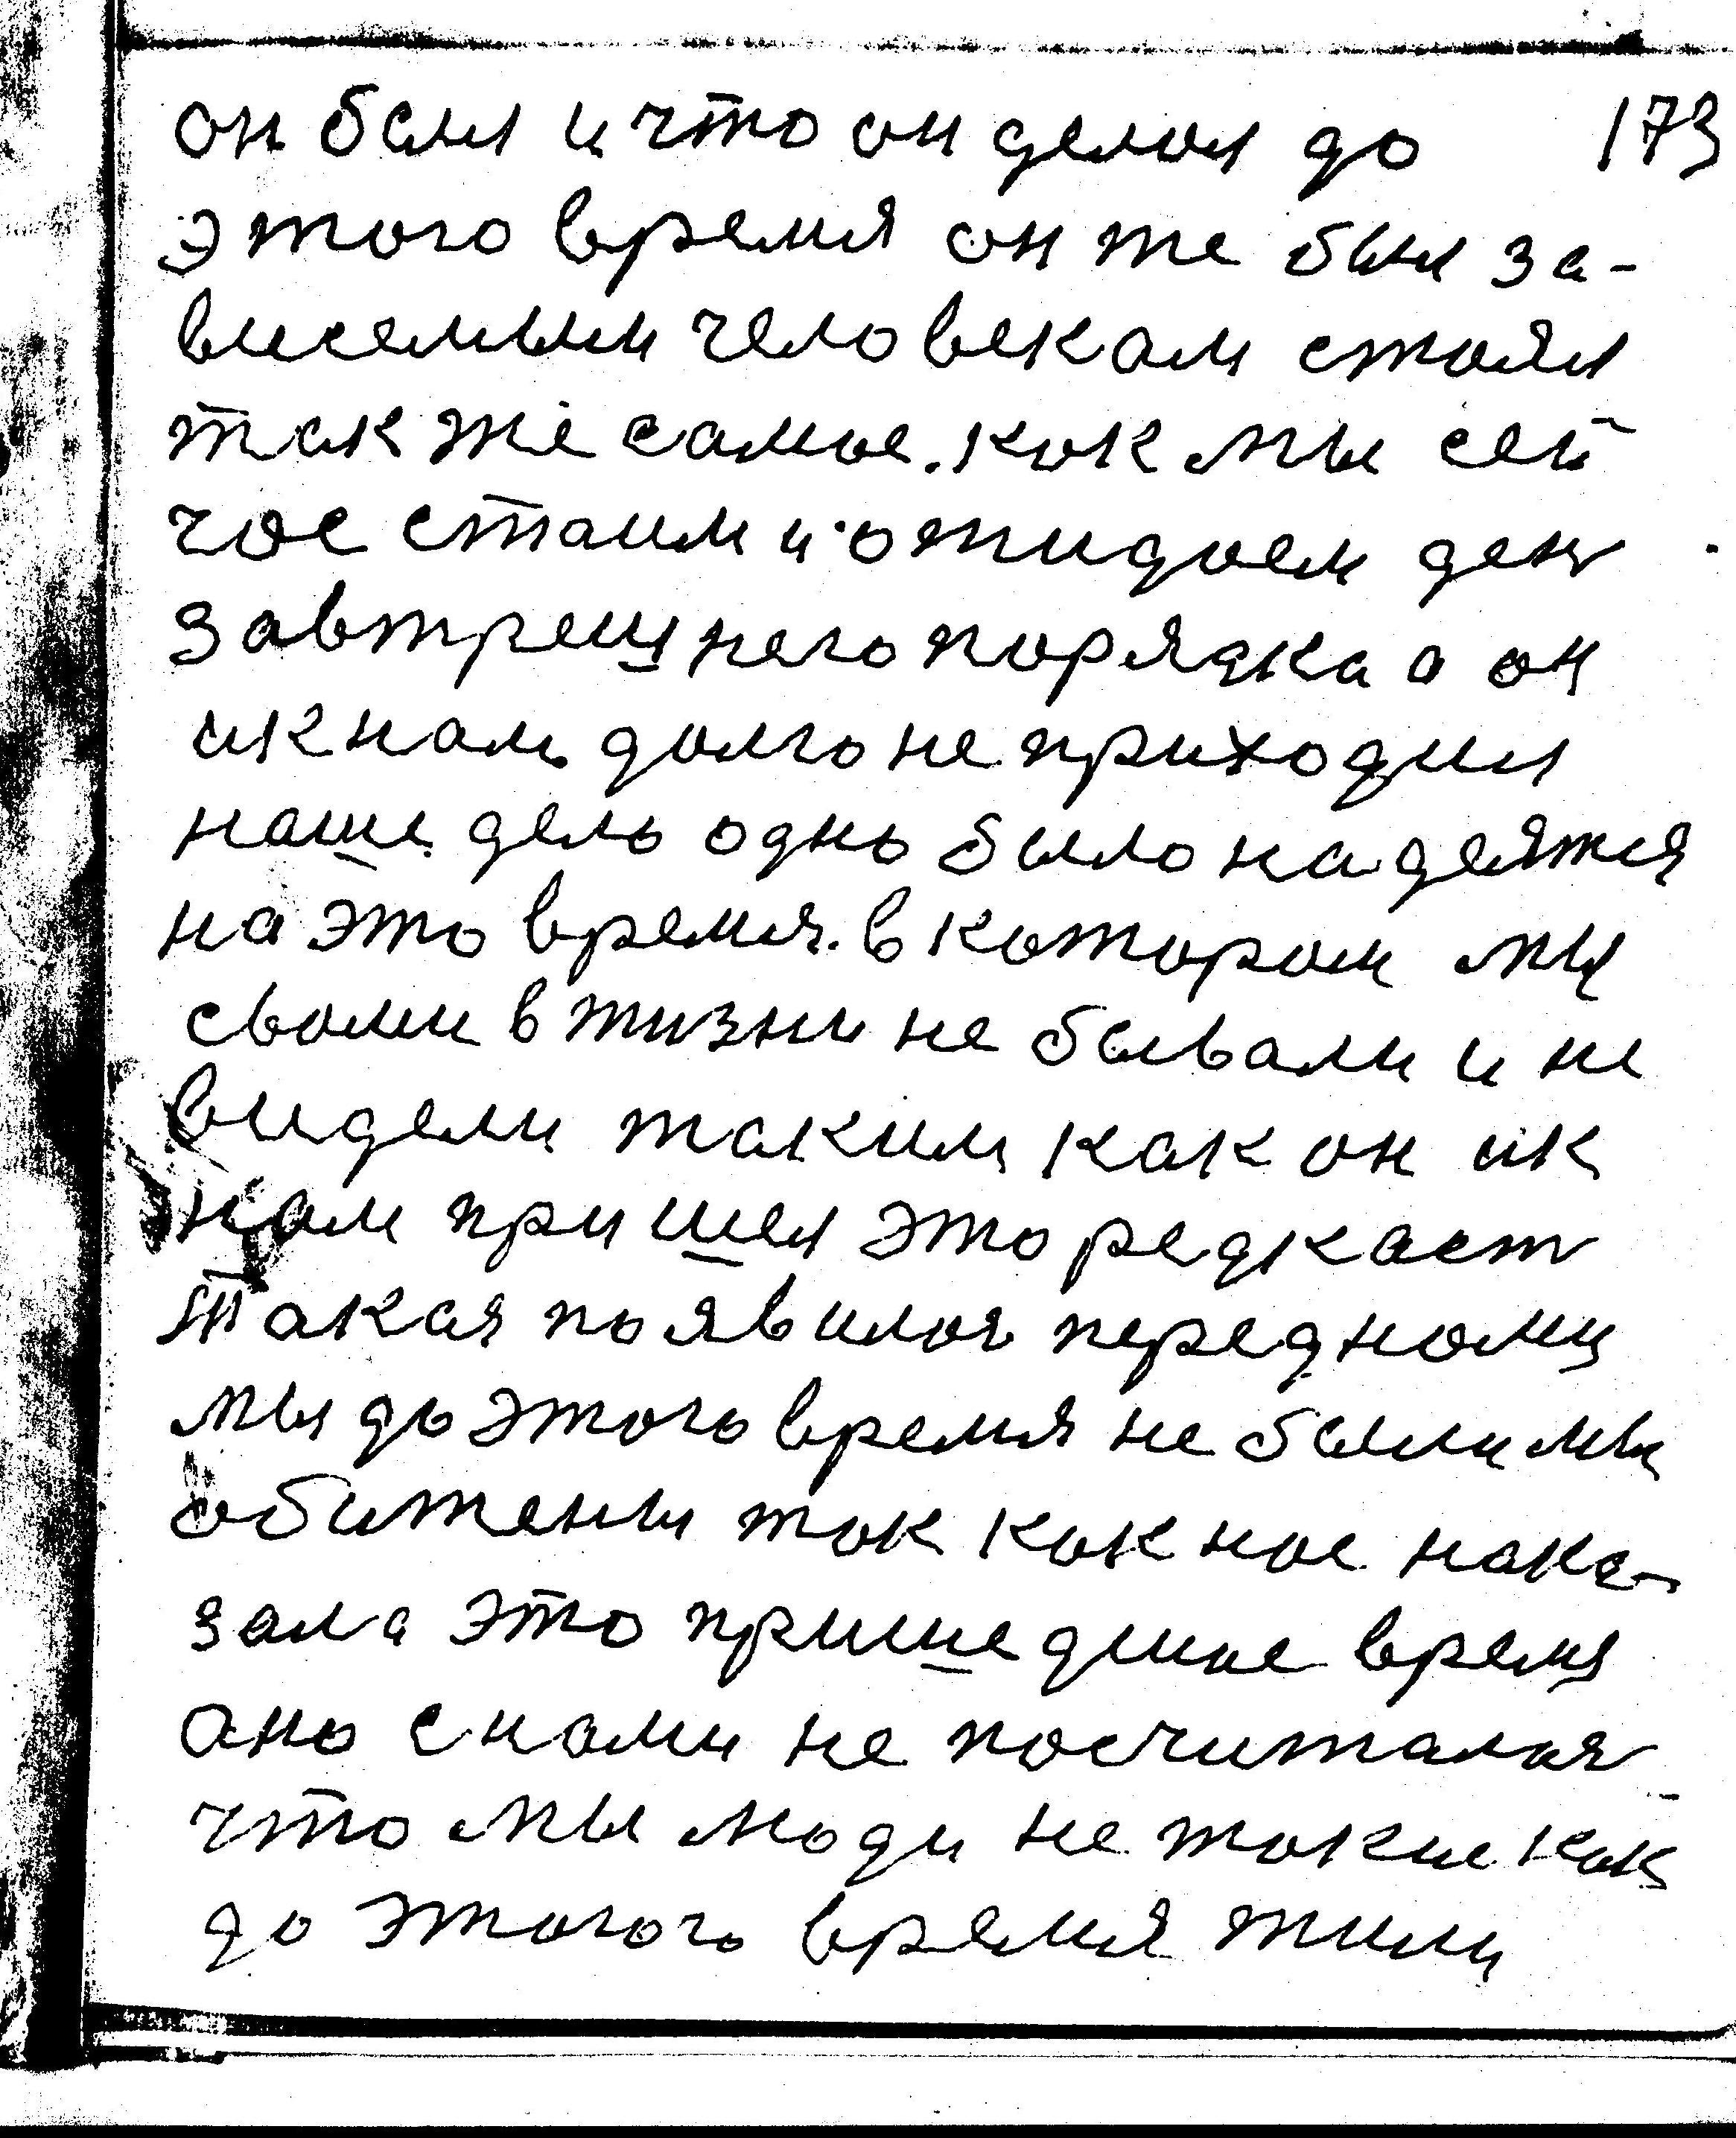 22-173.jpg